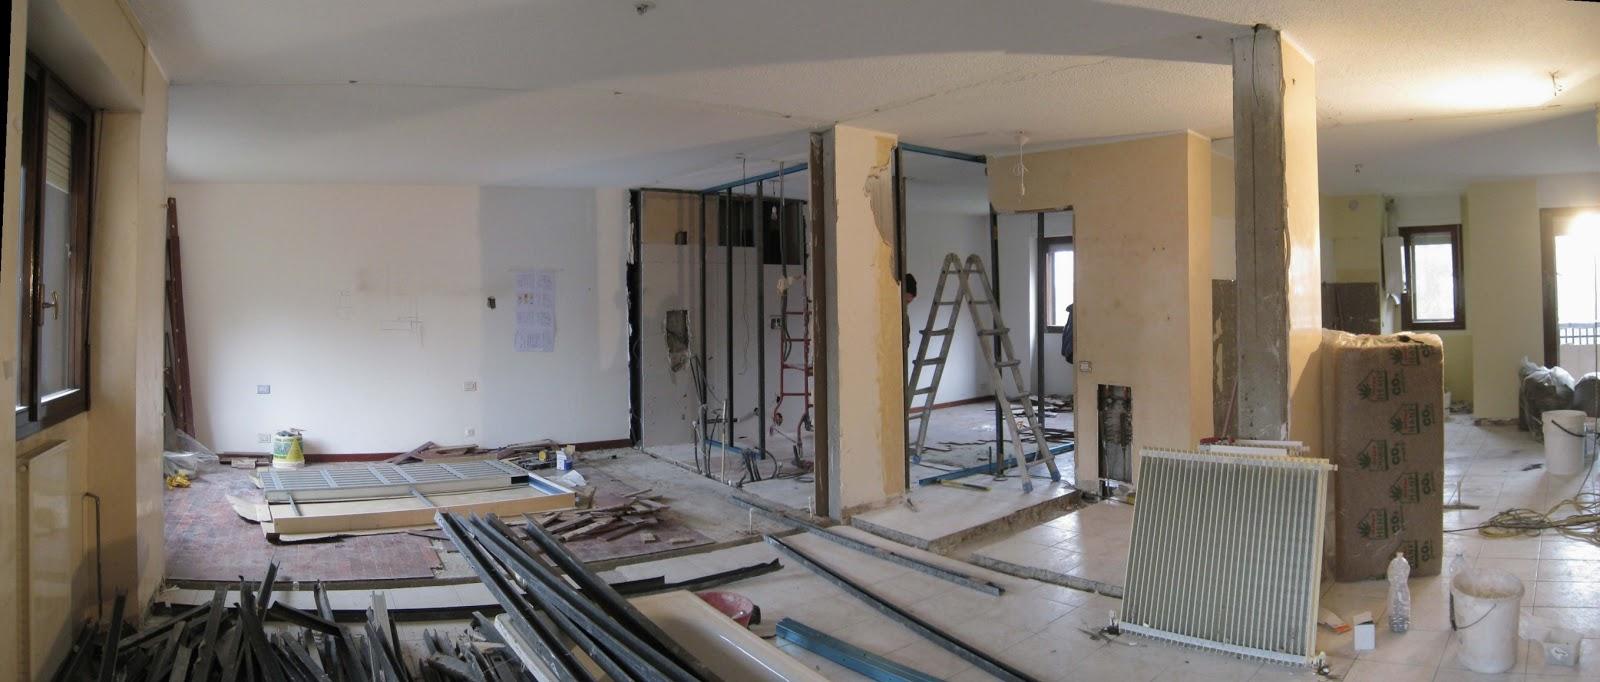 Trasformare una casa usata in una casa - Ristrutturare e arredare casa ...